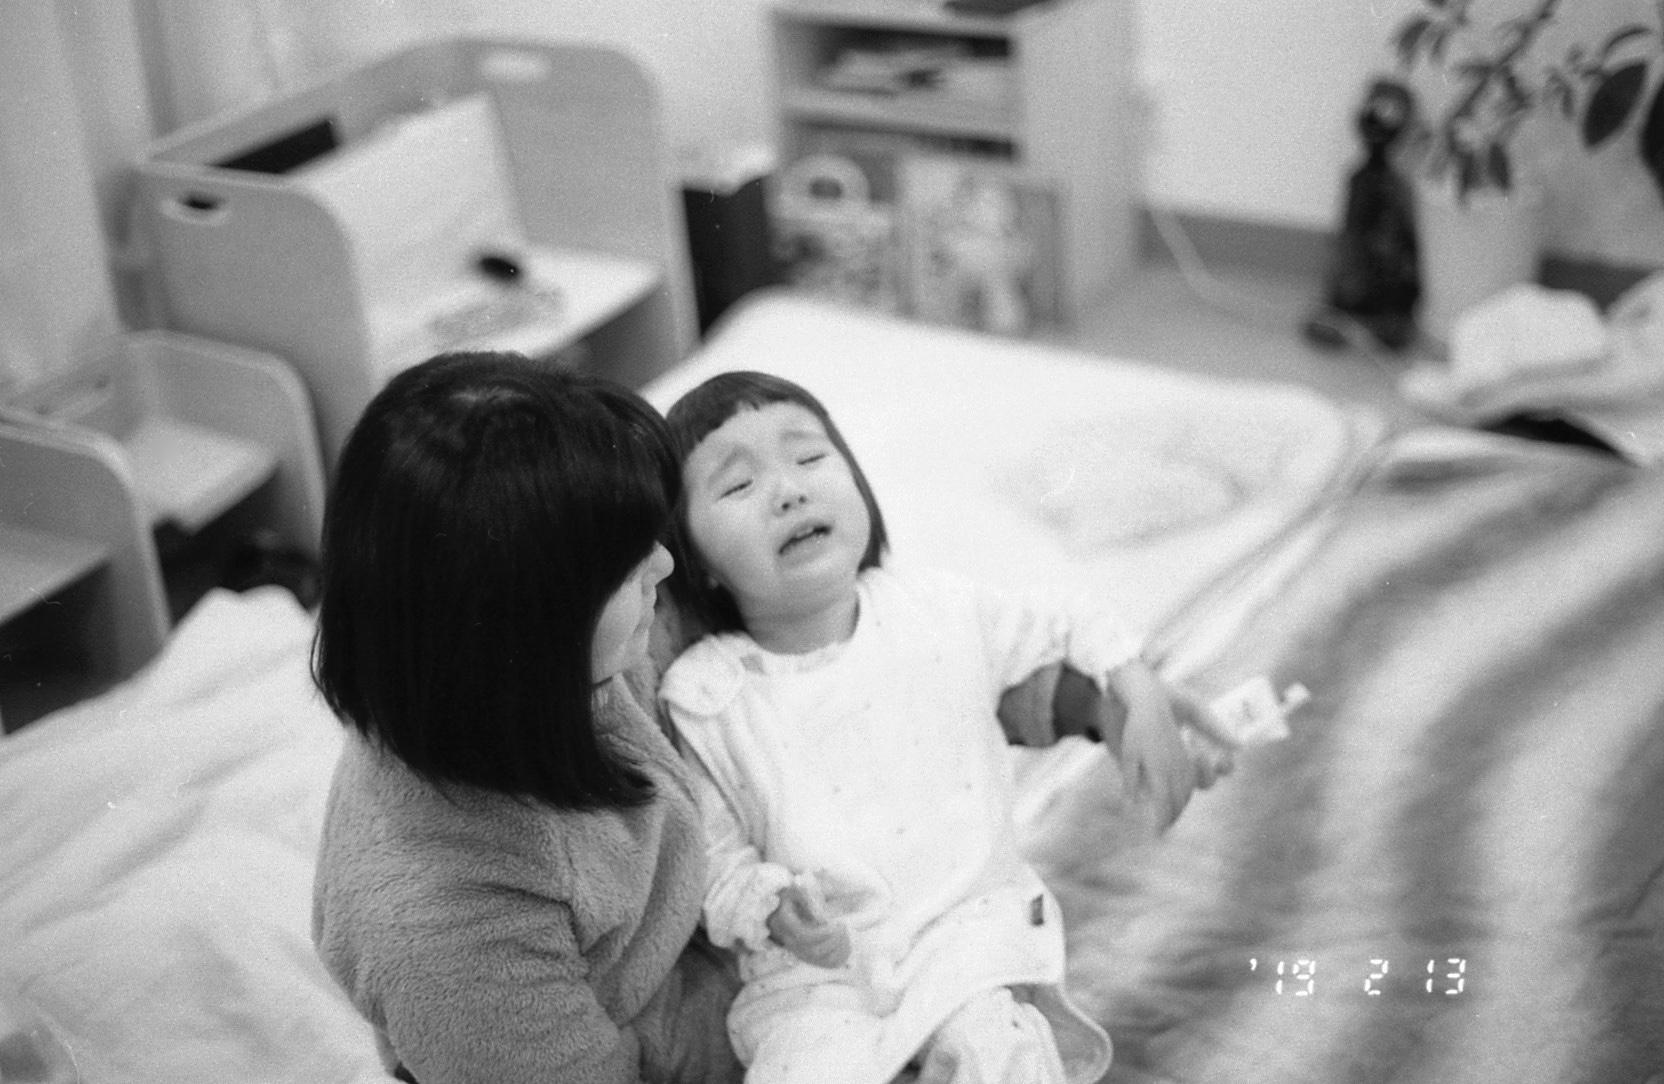 日々、子供の成長、monochrome、filmPhoto